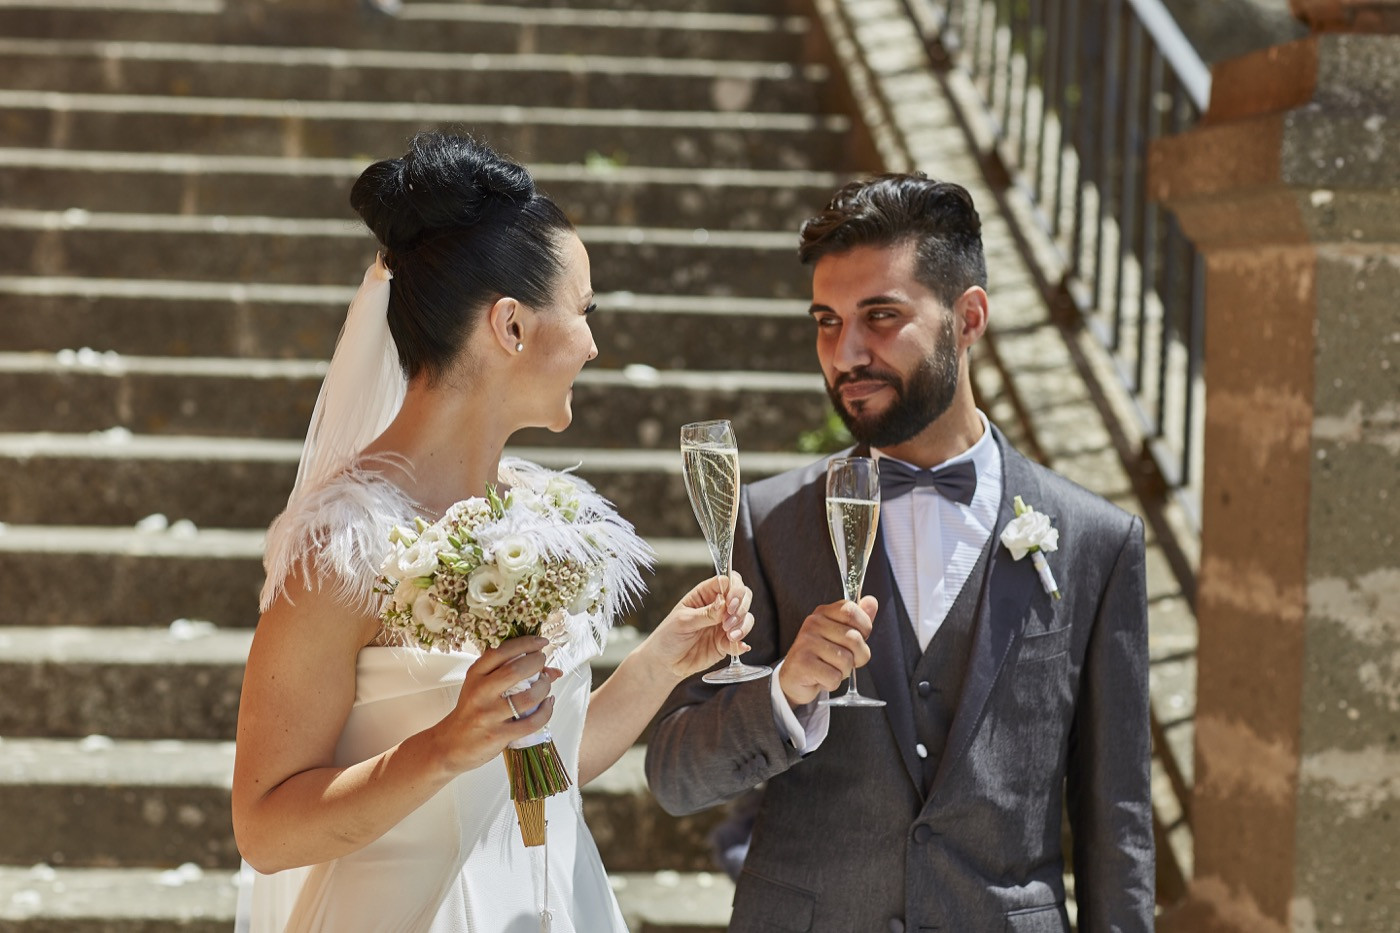 Claudio-Coppola-wedding-photographer-villa-del-cardinale-rocca-di-papa-castel-gandolfo-54